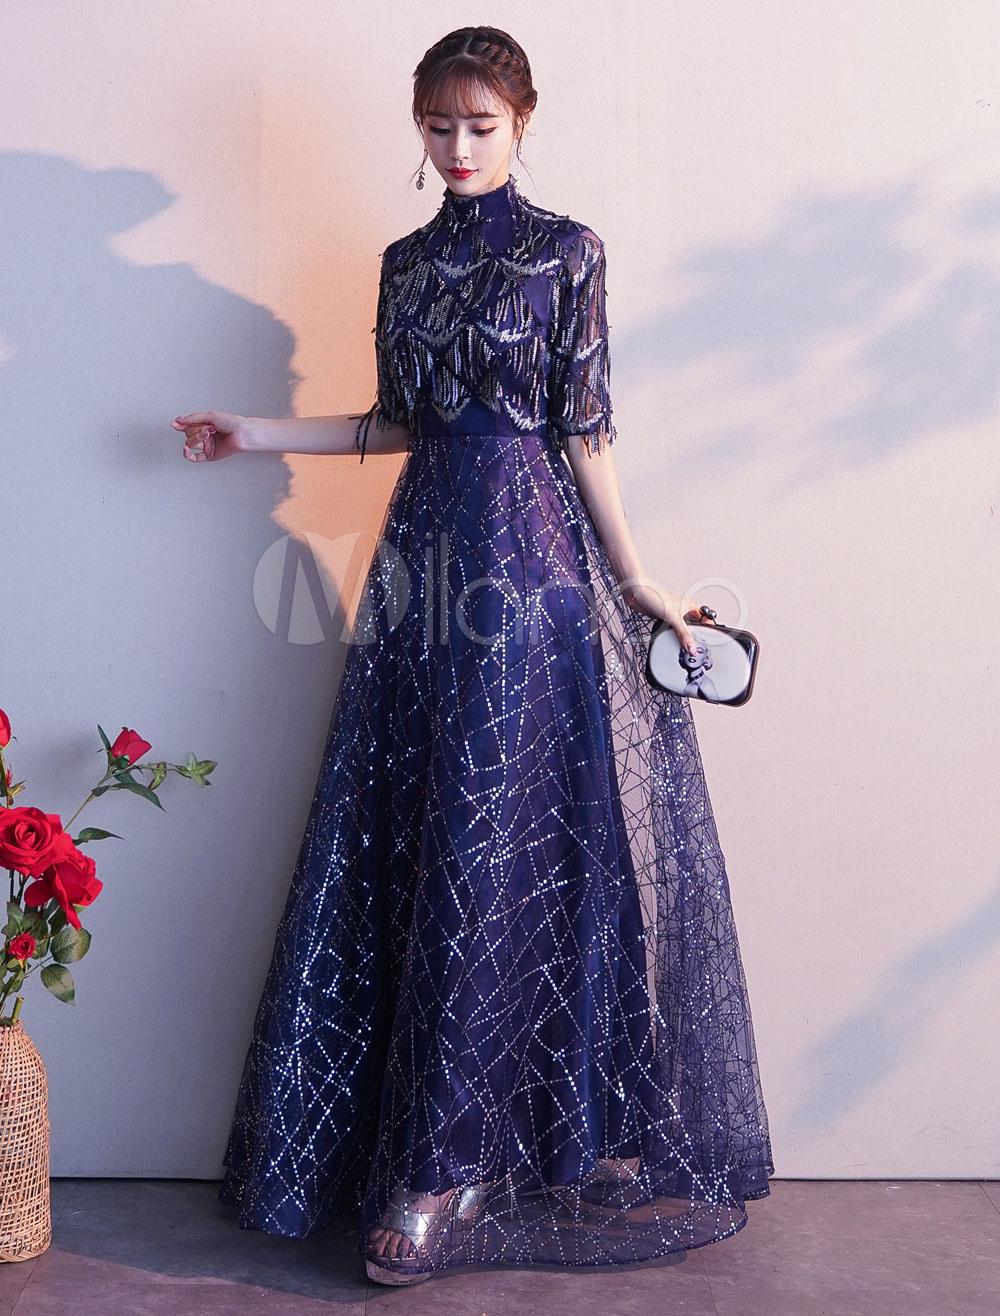 10 Fantastisch Abendkleider Maxi Galerie15 Spektakulär Abendkleider Maxi Ärmel